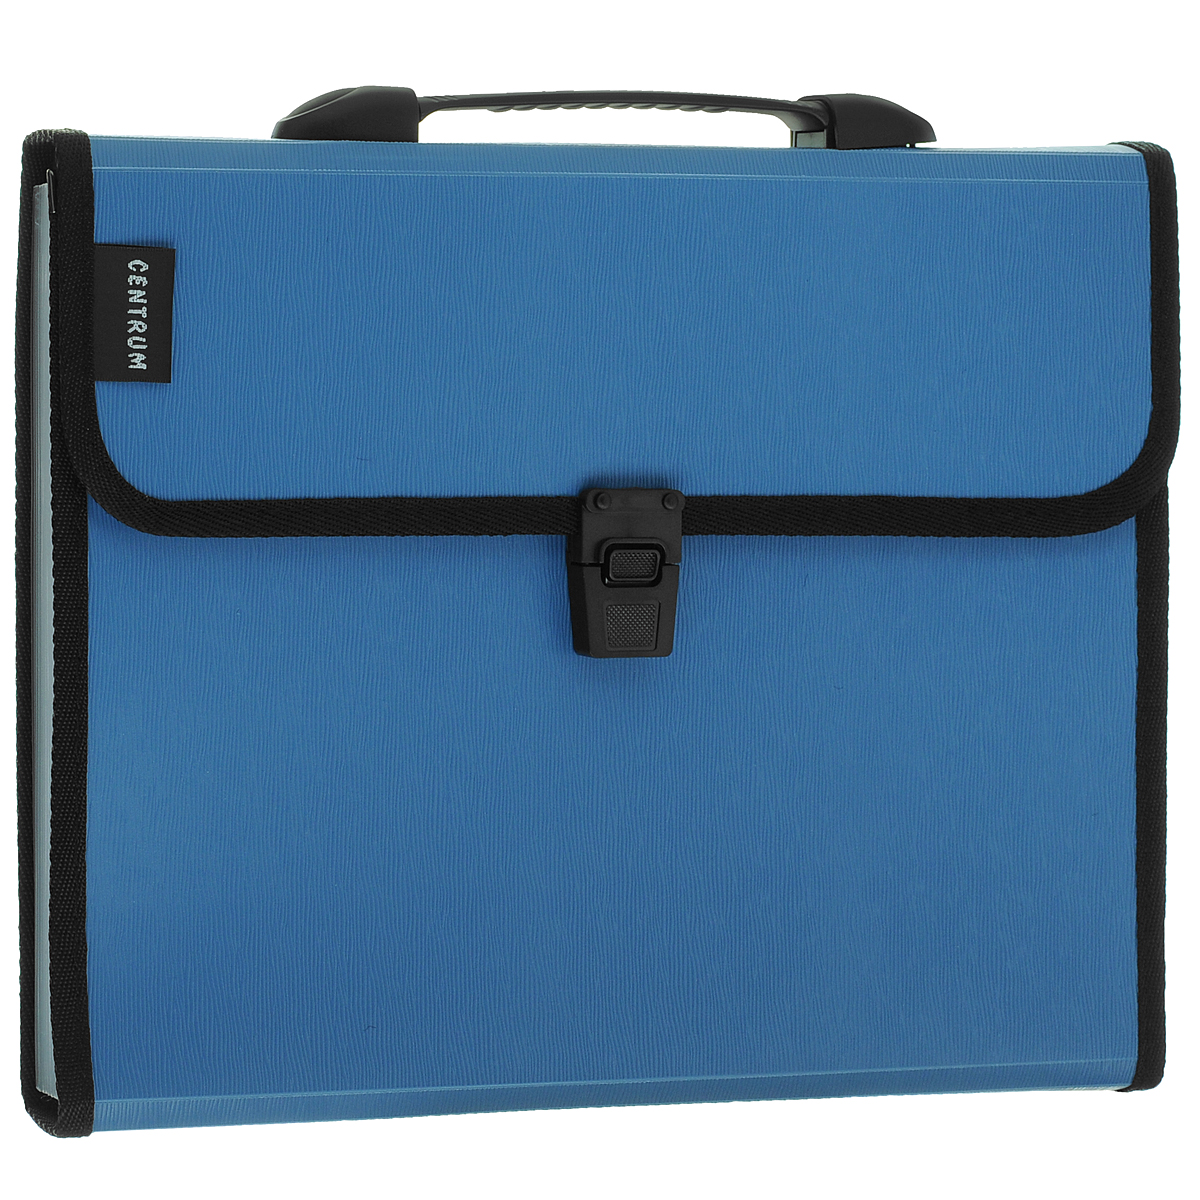 Папка-портфель Centrum, 13 отделений, с ручкой, цвет: голубой. Формат А482261СинПапка-портфель Centrum станет вашим верным помощником дома и в офисе. Это удобный и функциональный инструмент, предназначенный для хранения и транспортировки больших объемов рабочих бумаг и документов формата А4.Папка изготовлена из износостойкого высококачественного пластика толщиной 0,75 мм, и закрывается на широкий клапан с замком. Состоит из 13 вместительных отделений. Папка оформлена тиснением под дерево. Грани папки отделаны полиэстером для дополнительной прочности и сохранности опрятного вида папки. Папка имеет удобную ручку для переноски.Папка - это незаменимый атрибут для любого студента, школьника или офисного работника. Такая папка надежно сохранит ваши бумаги и сбережет их от повреждений, пыли и влаги.